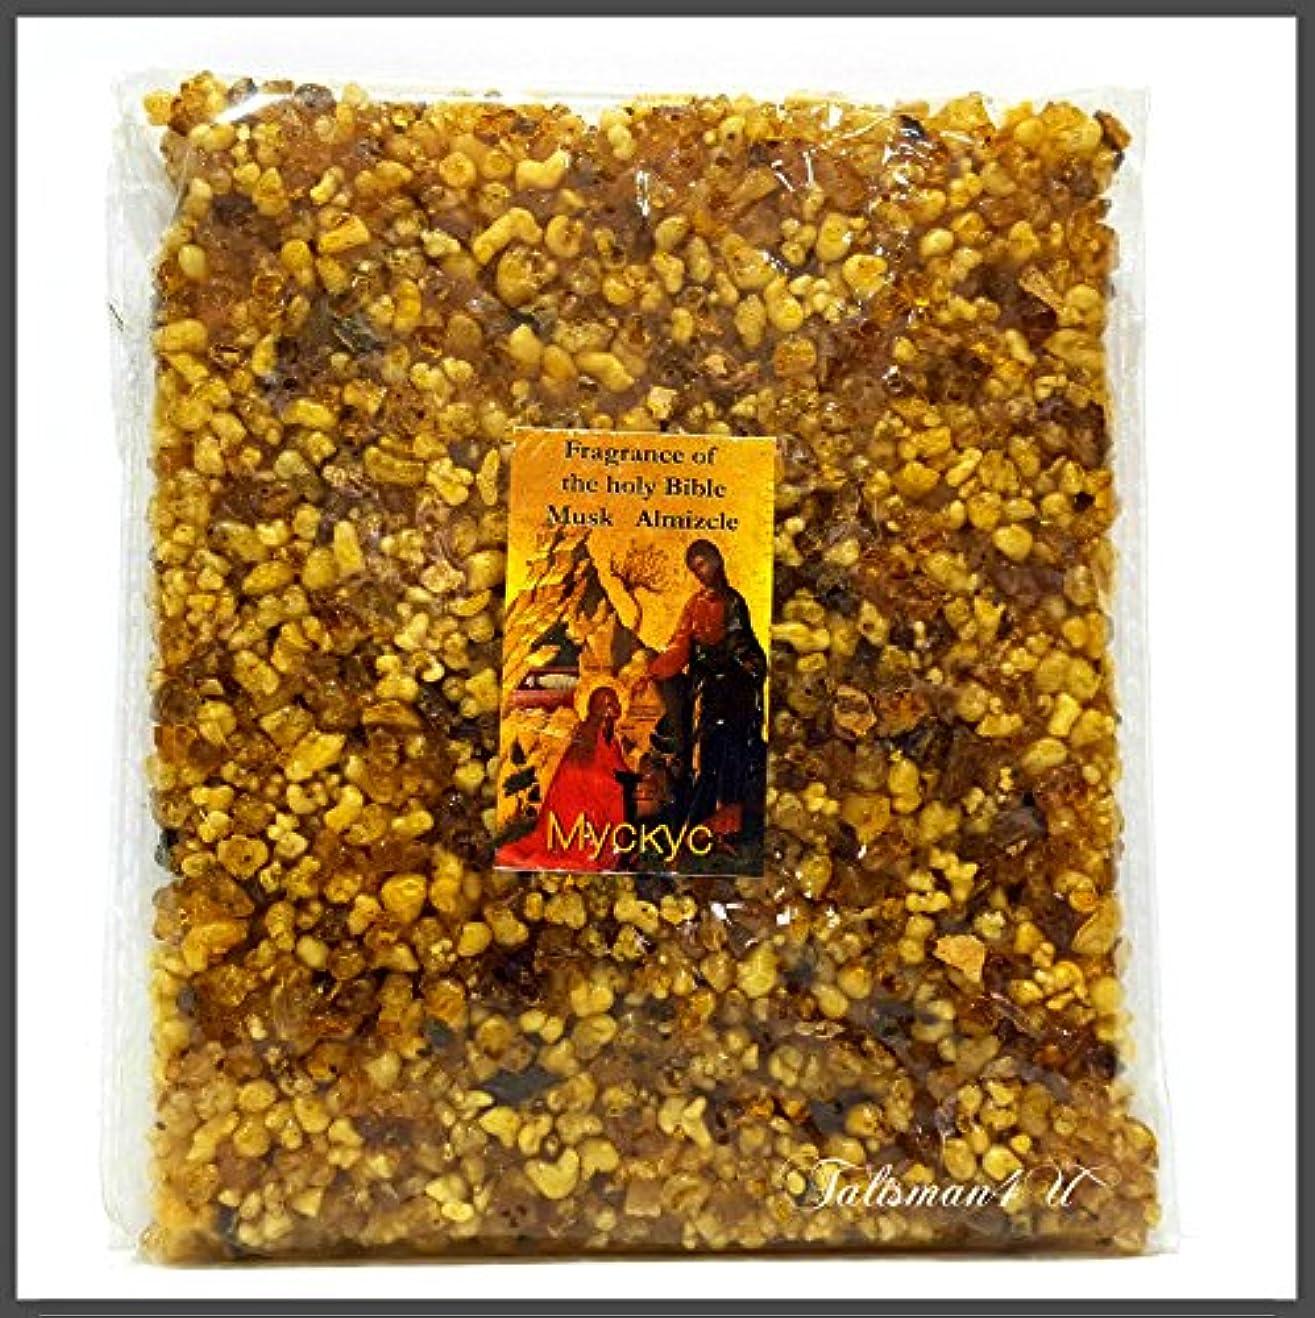 泳ぐ徴収自宅でムスクエルサレムIncense樹脂Aromatic Almizcle Frankincense of the Holy Land 3.5 Oz/100 g